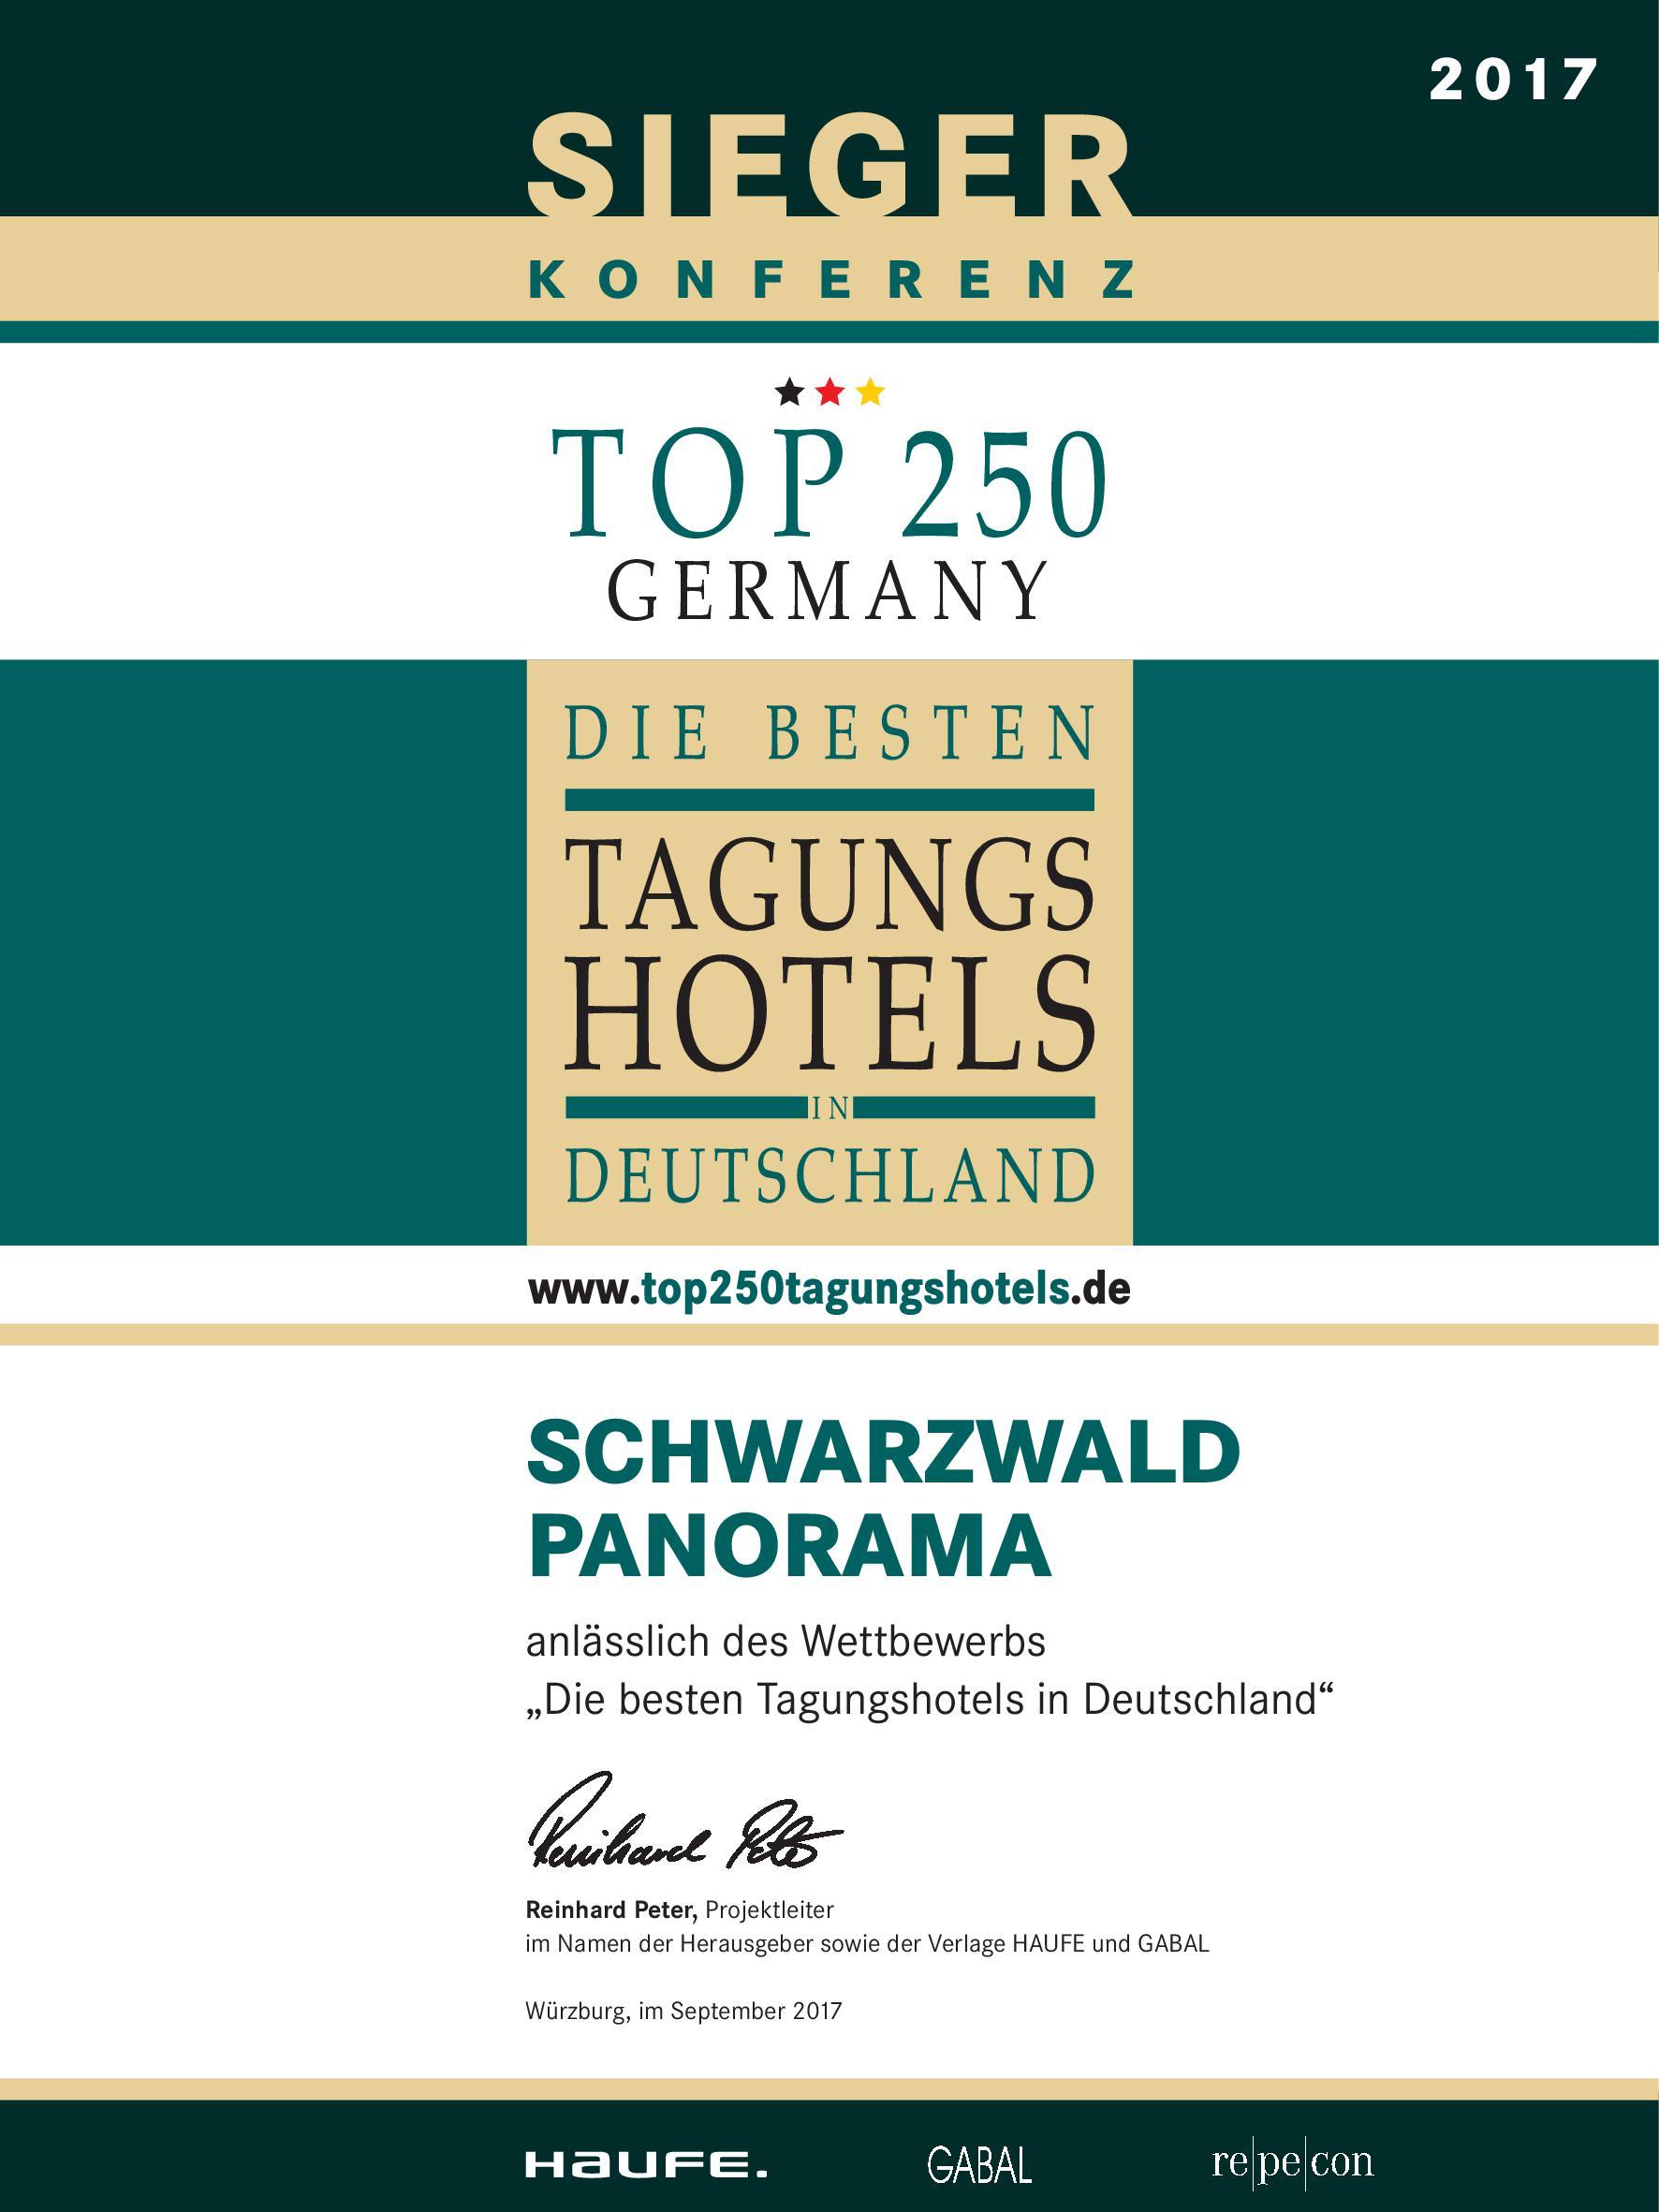 Zertifikat Top Tagungshotels Deutschland 2017 vom Schwarzwald Panorama - Sieger in der Kategorie Konferenz